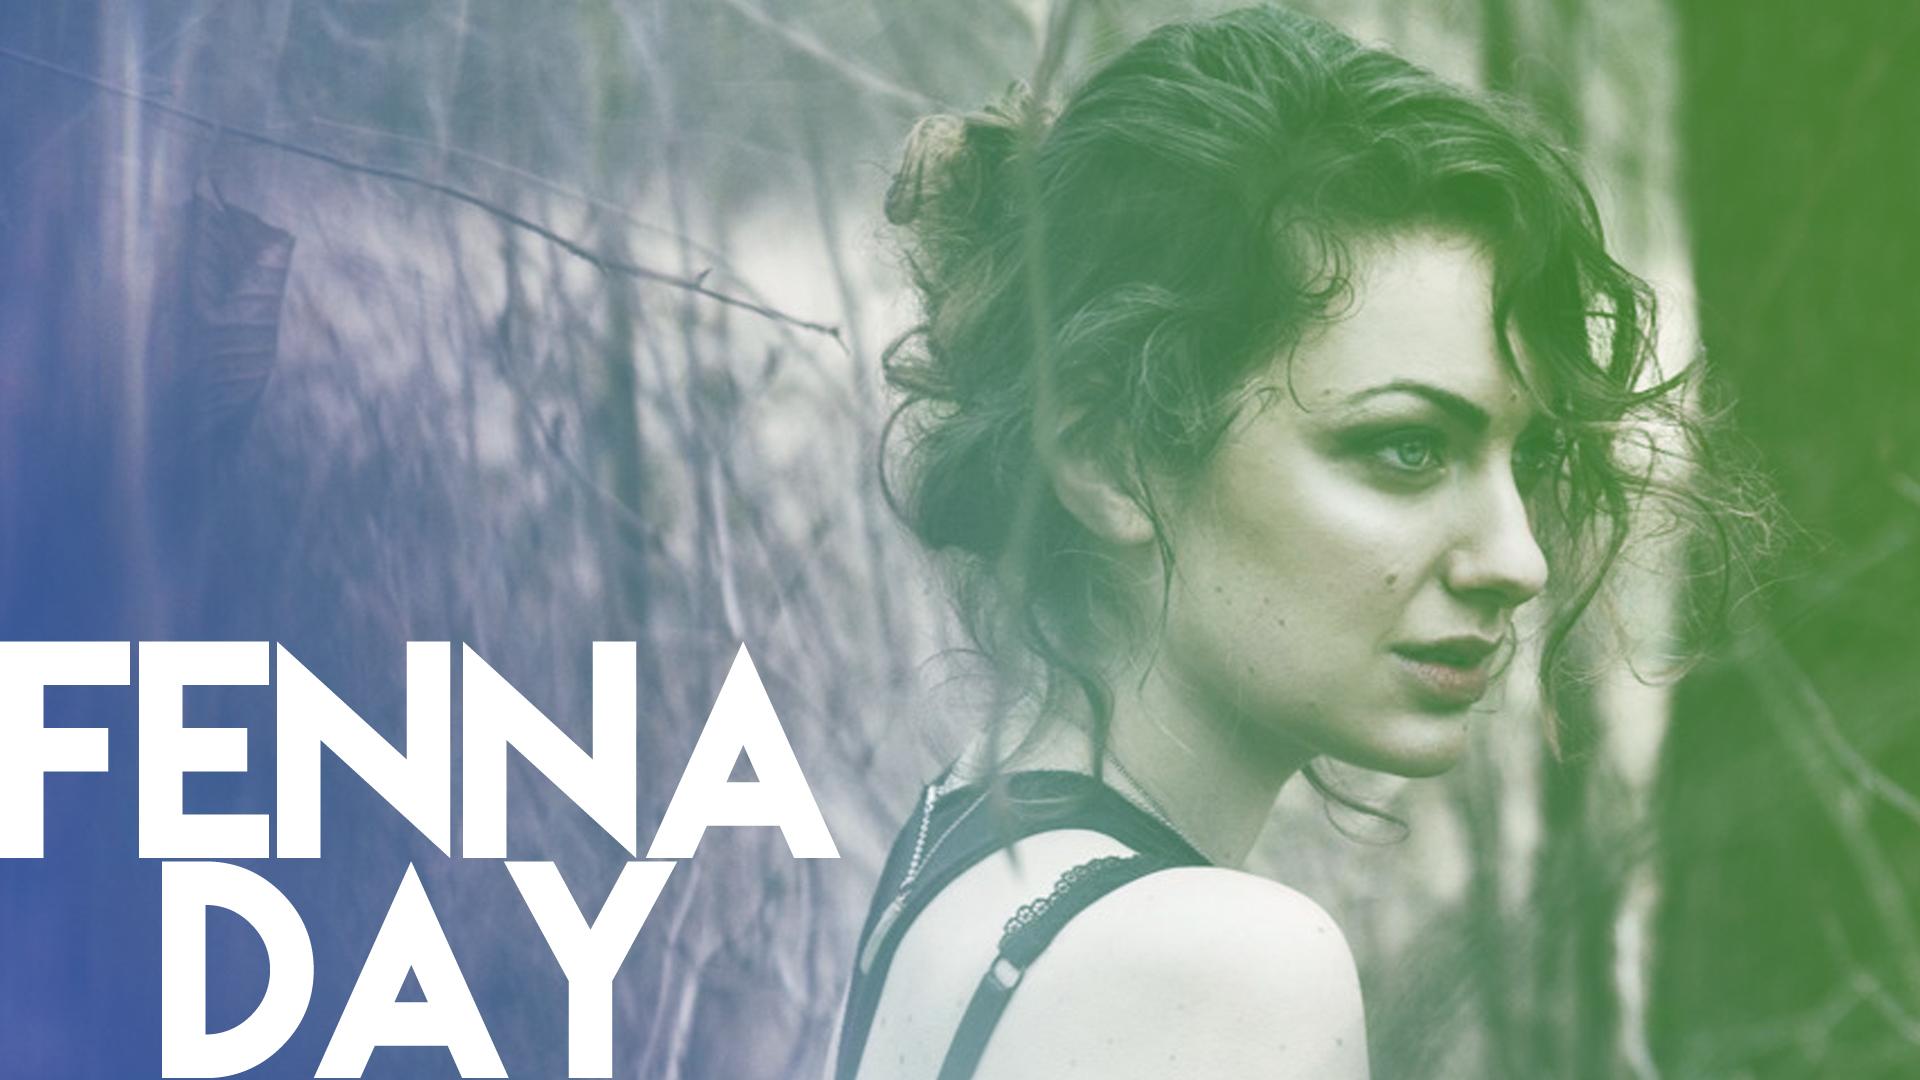 fenna day